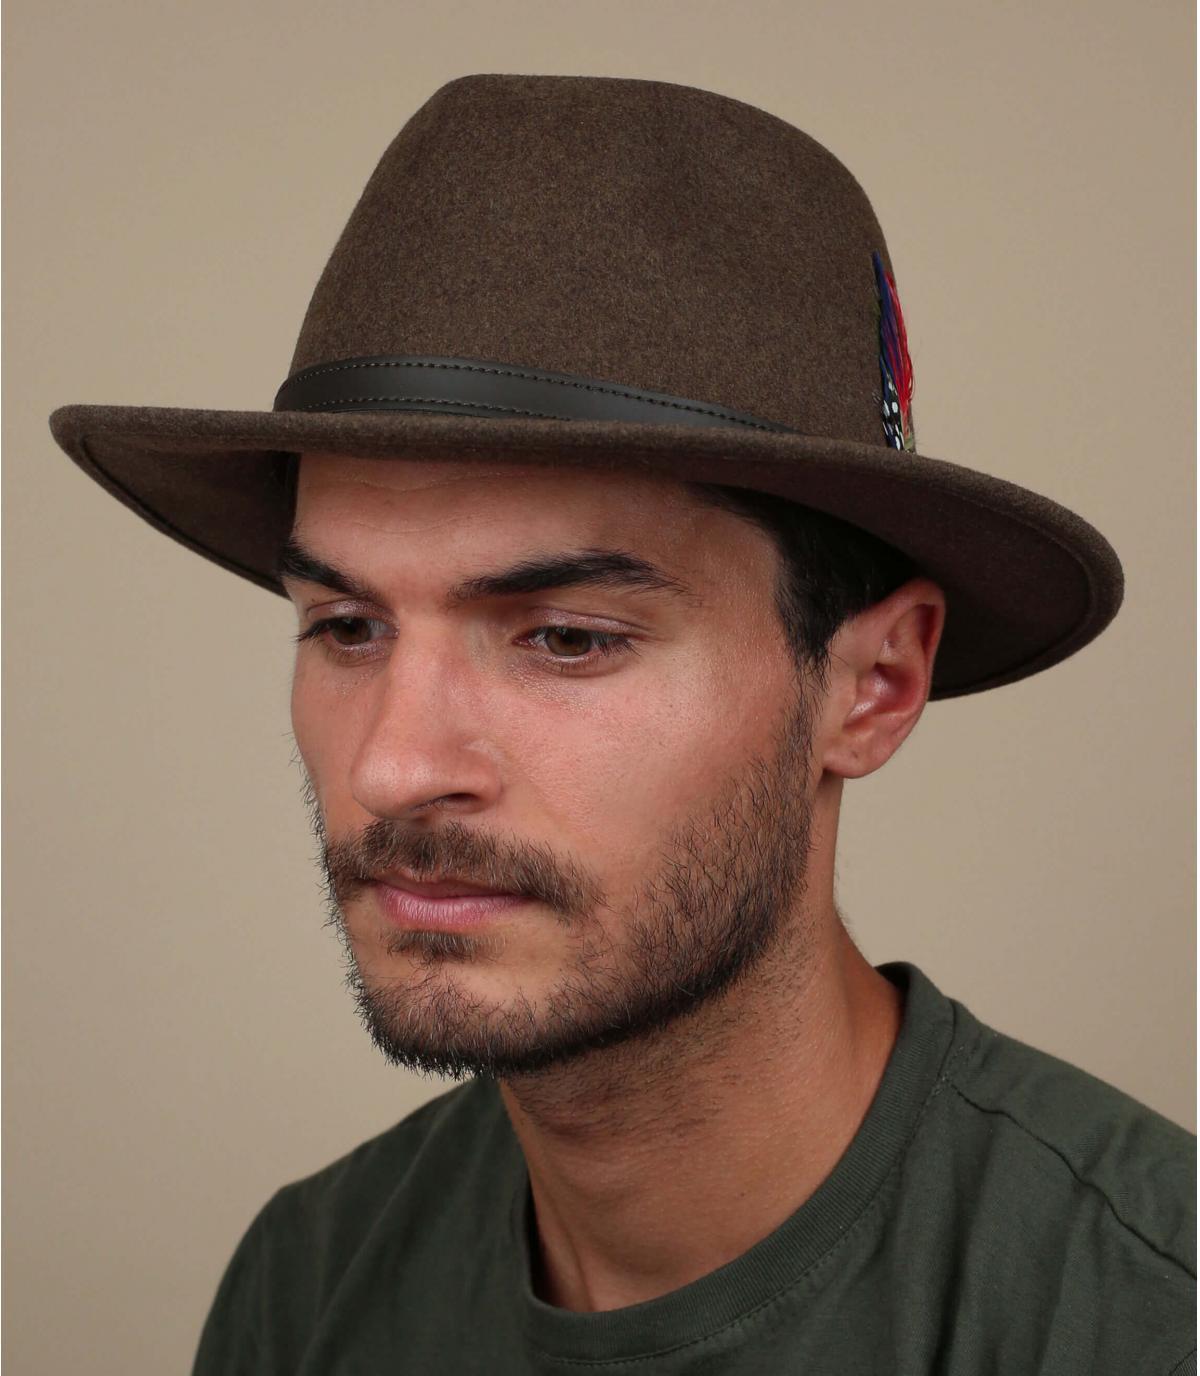 lana cappello di feltro marrone